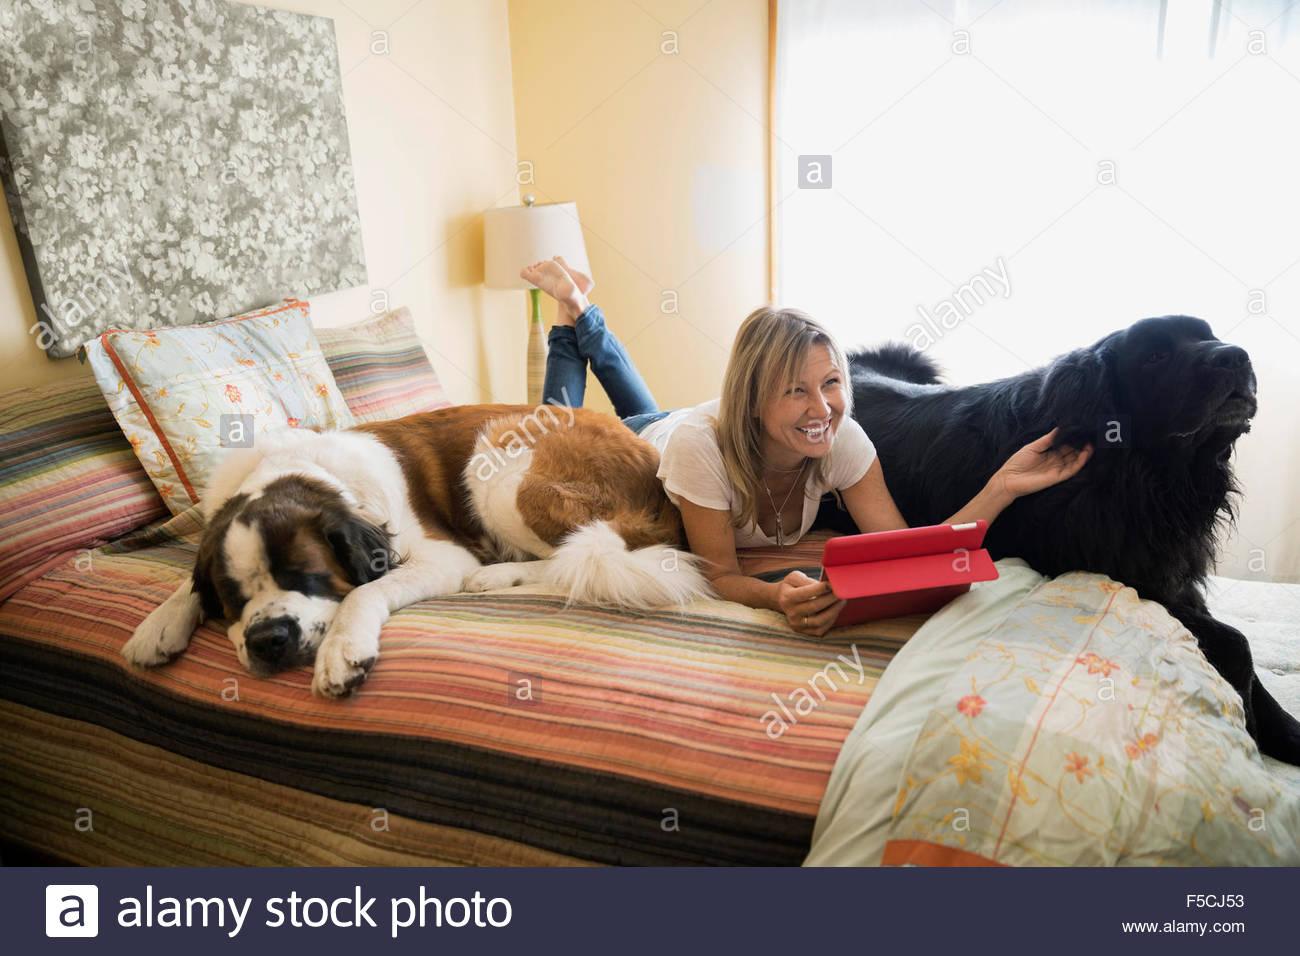 Donna con i cani di grande taglia e tavoletta digitale bed Immagini Stock